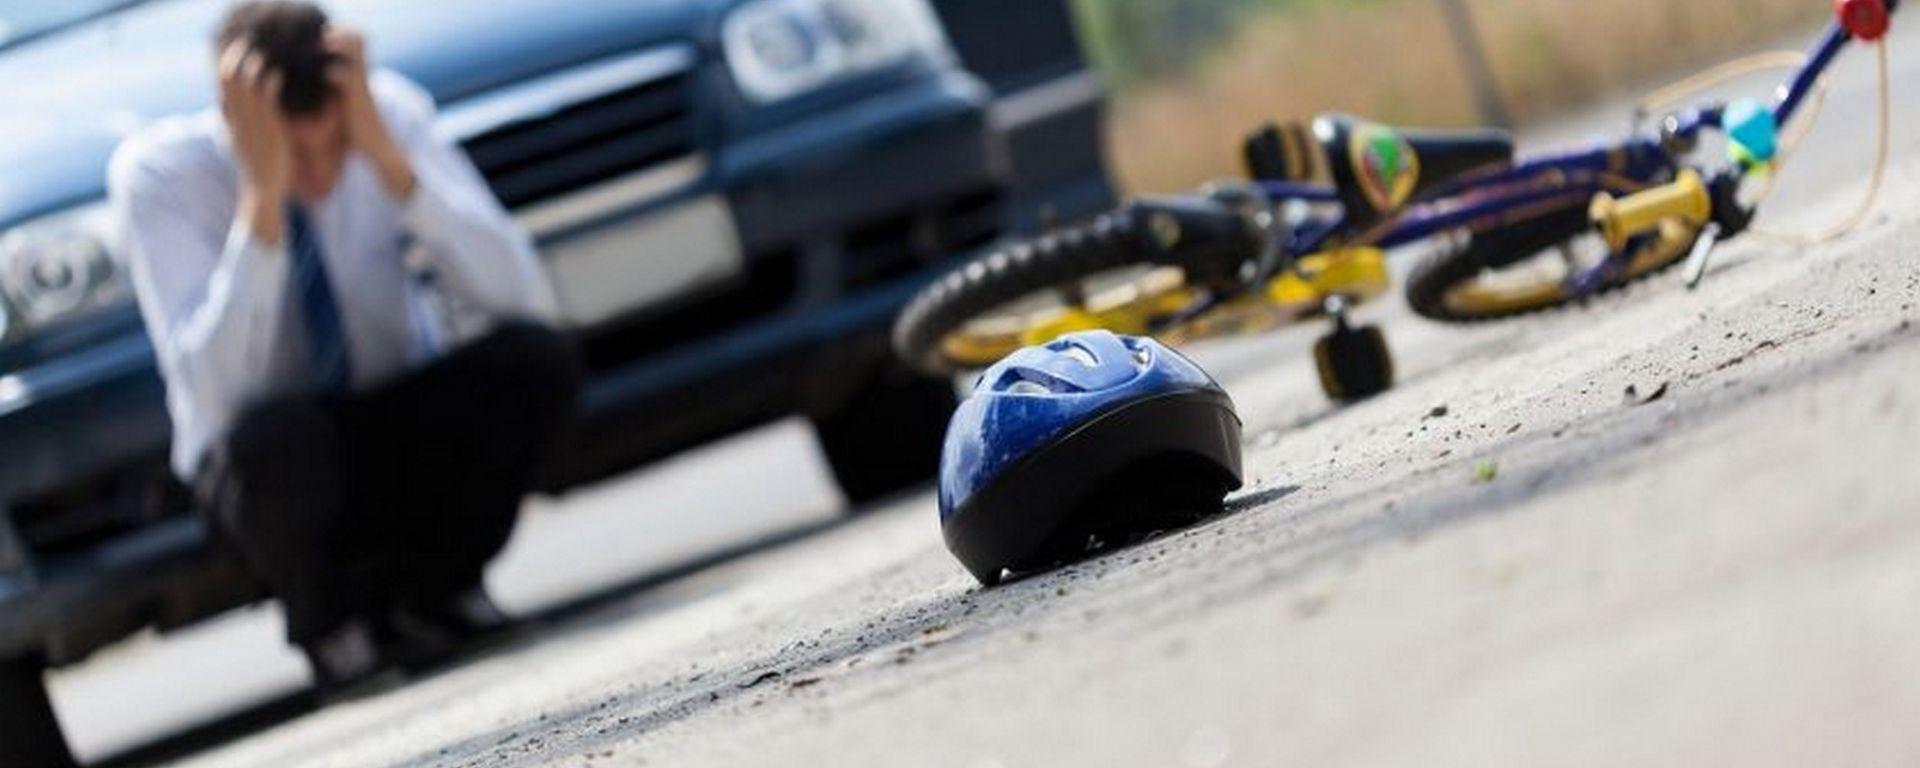 Omicidio stradale, 456 reati dall'entrata in vigore della legge